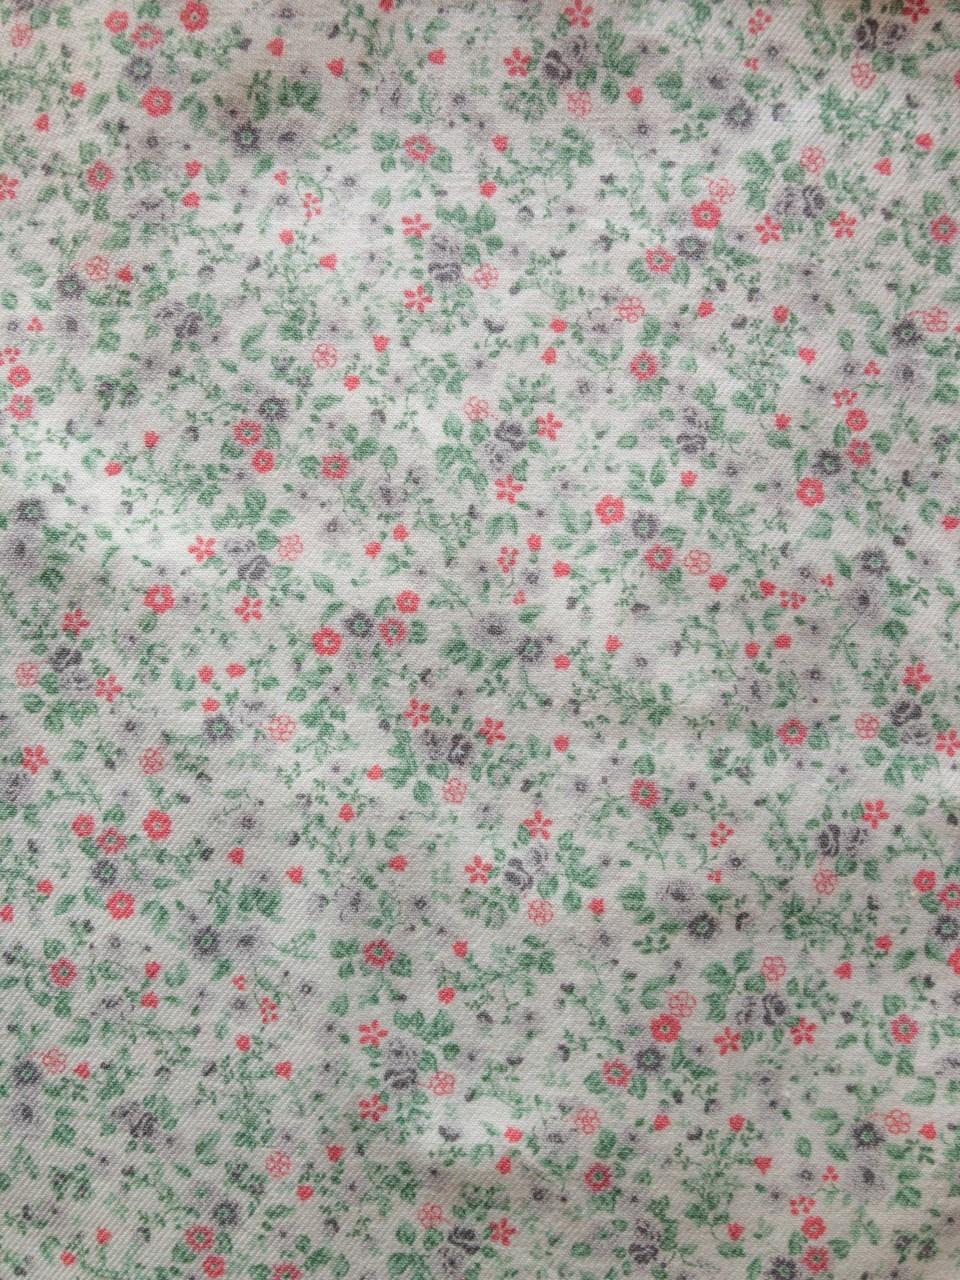 323 florecitas grises